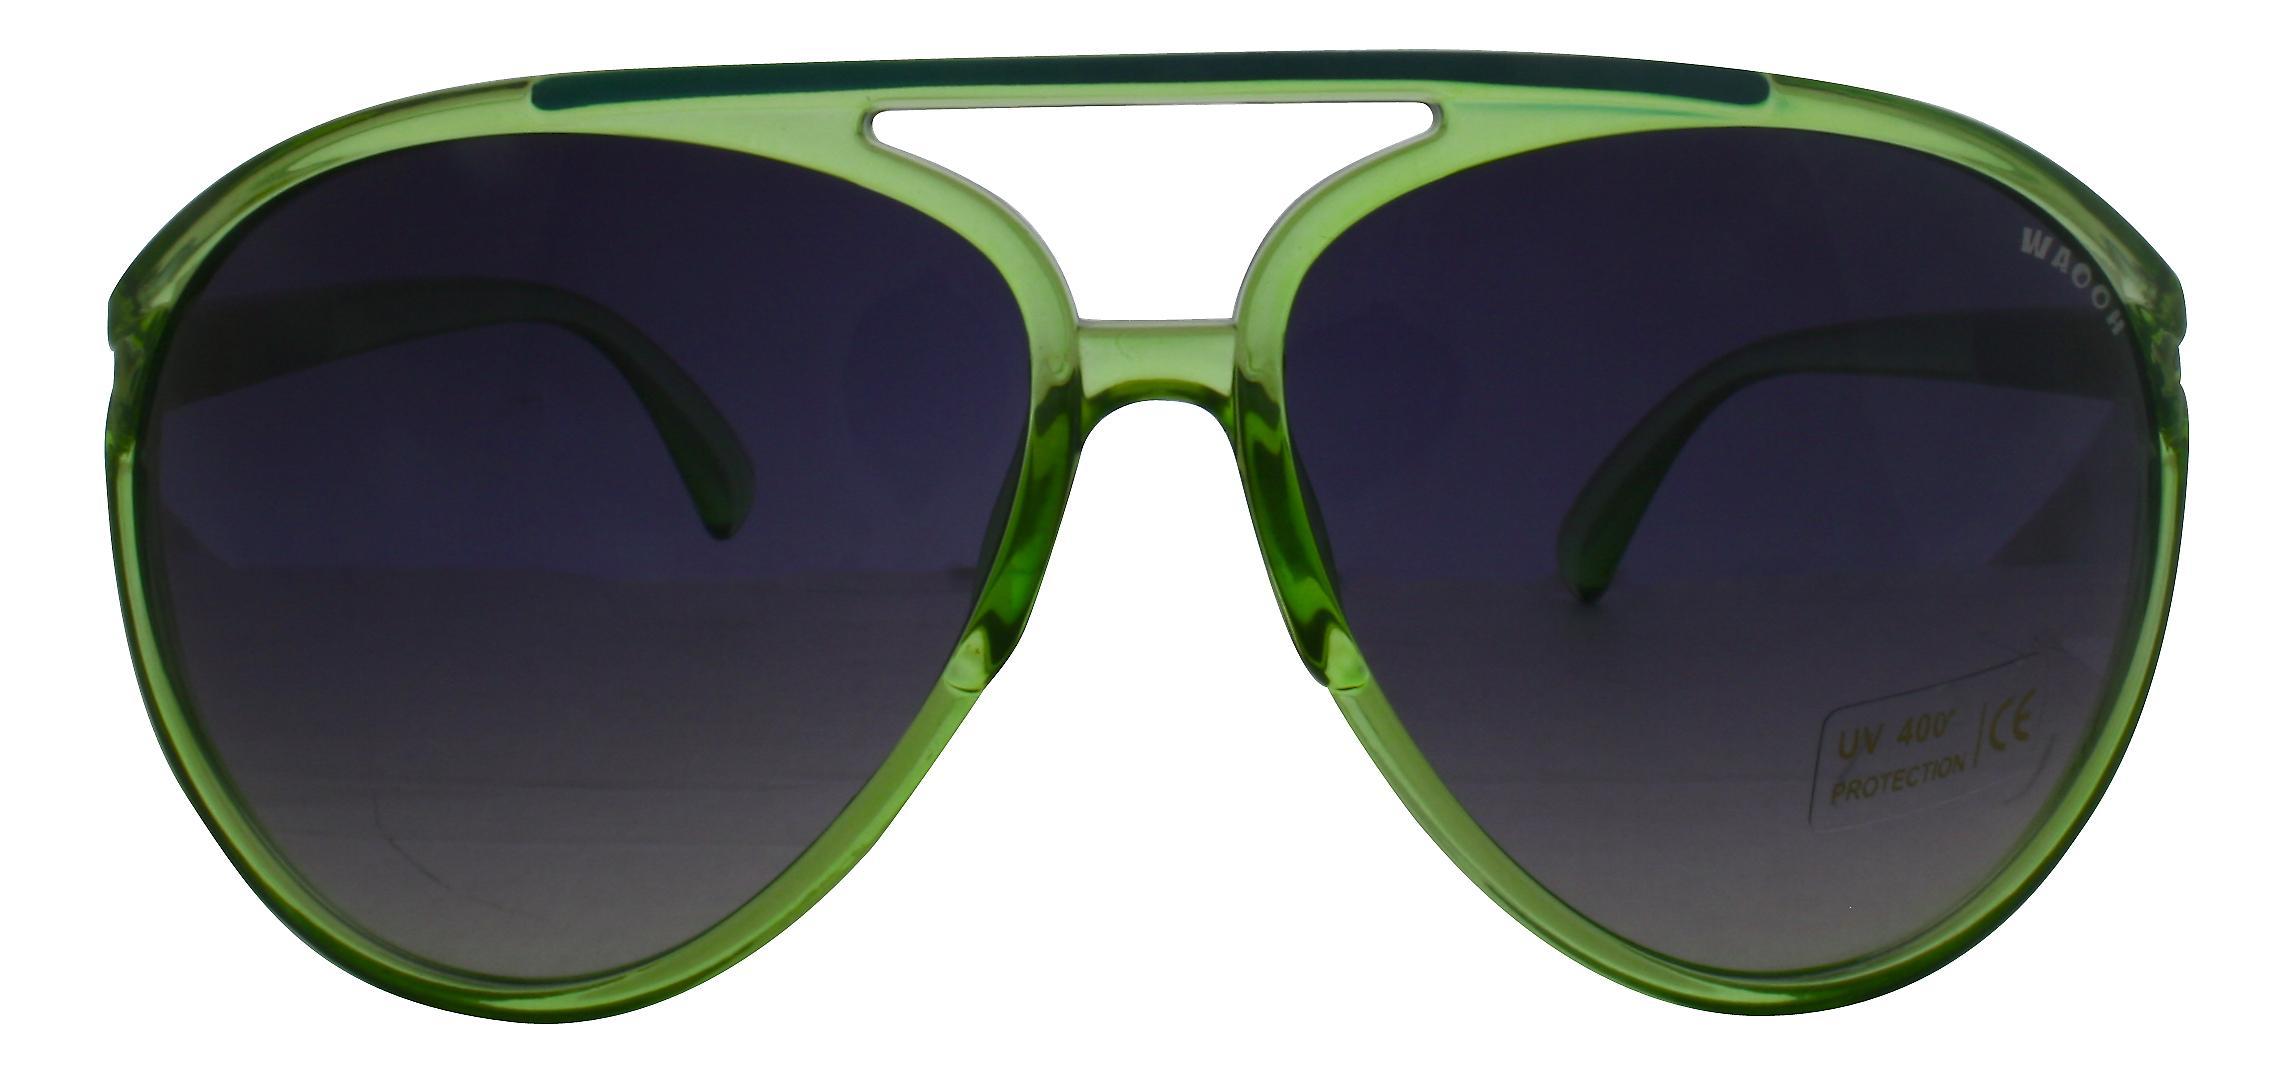 Waooh - Lunettes de soleil 633-8015 - Monture Couleur Protection UV400 Catégorie 3 - Verres fumés